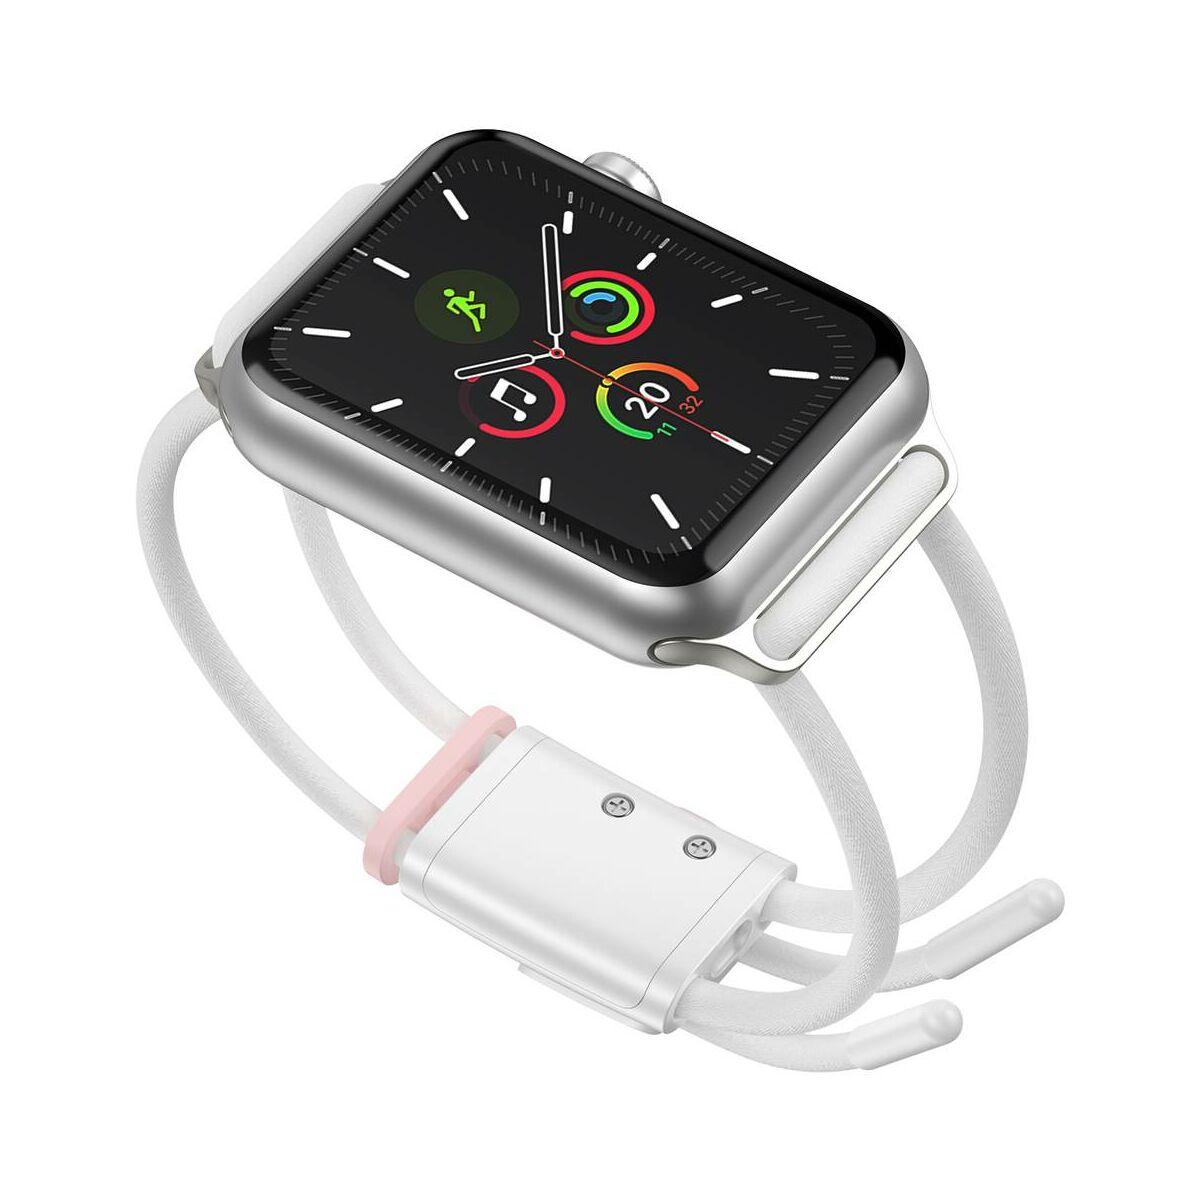 Baseus Apple Watch óraszíj, Lets go zárható, méretre állítható, 3,4,5, modellekhez 42 mm / 44 mm, fehér/rózsaszín (LBAPWA4-B24)